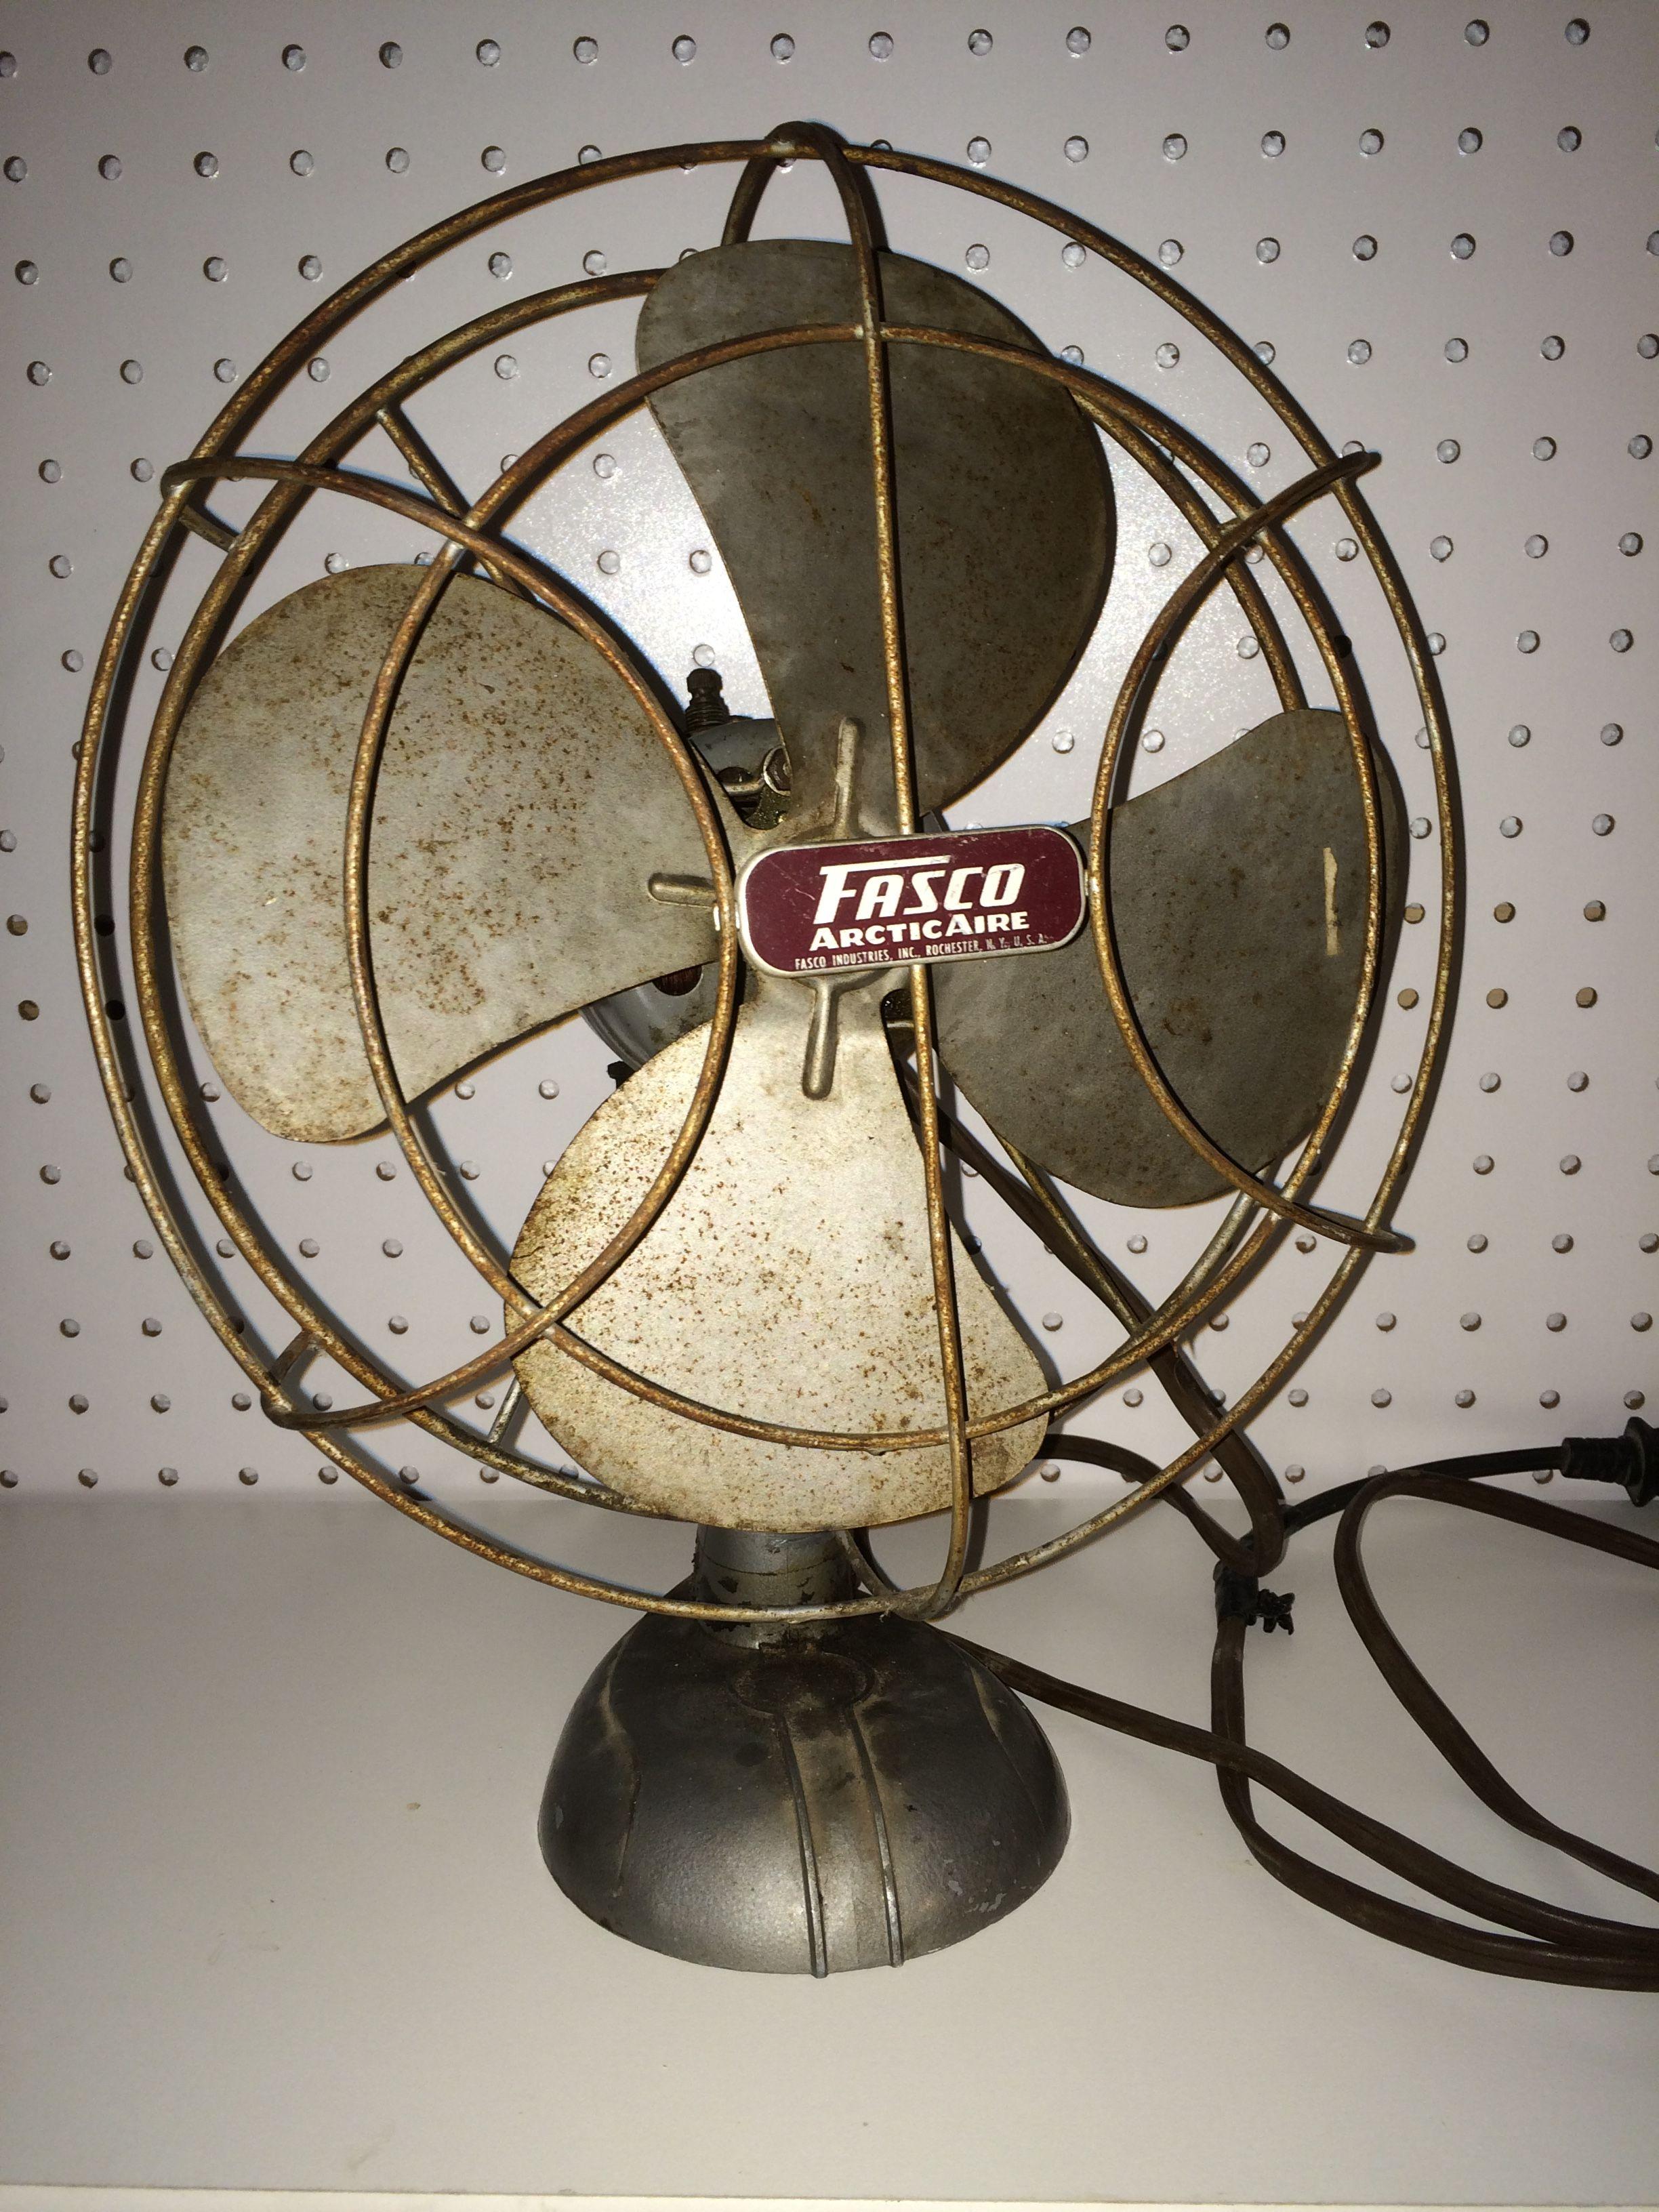 Pin by ddm MADE on FASCO Fan | Home appliances, Fan, Table D Fasco Motor Wiring Diagram on